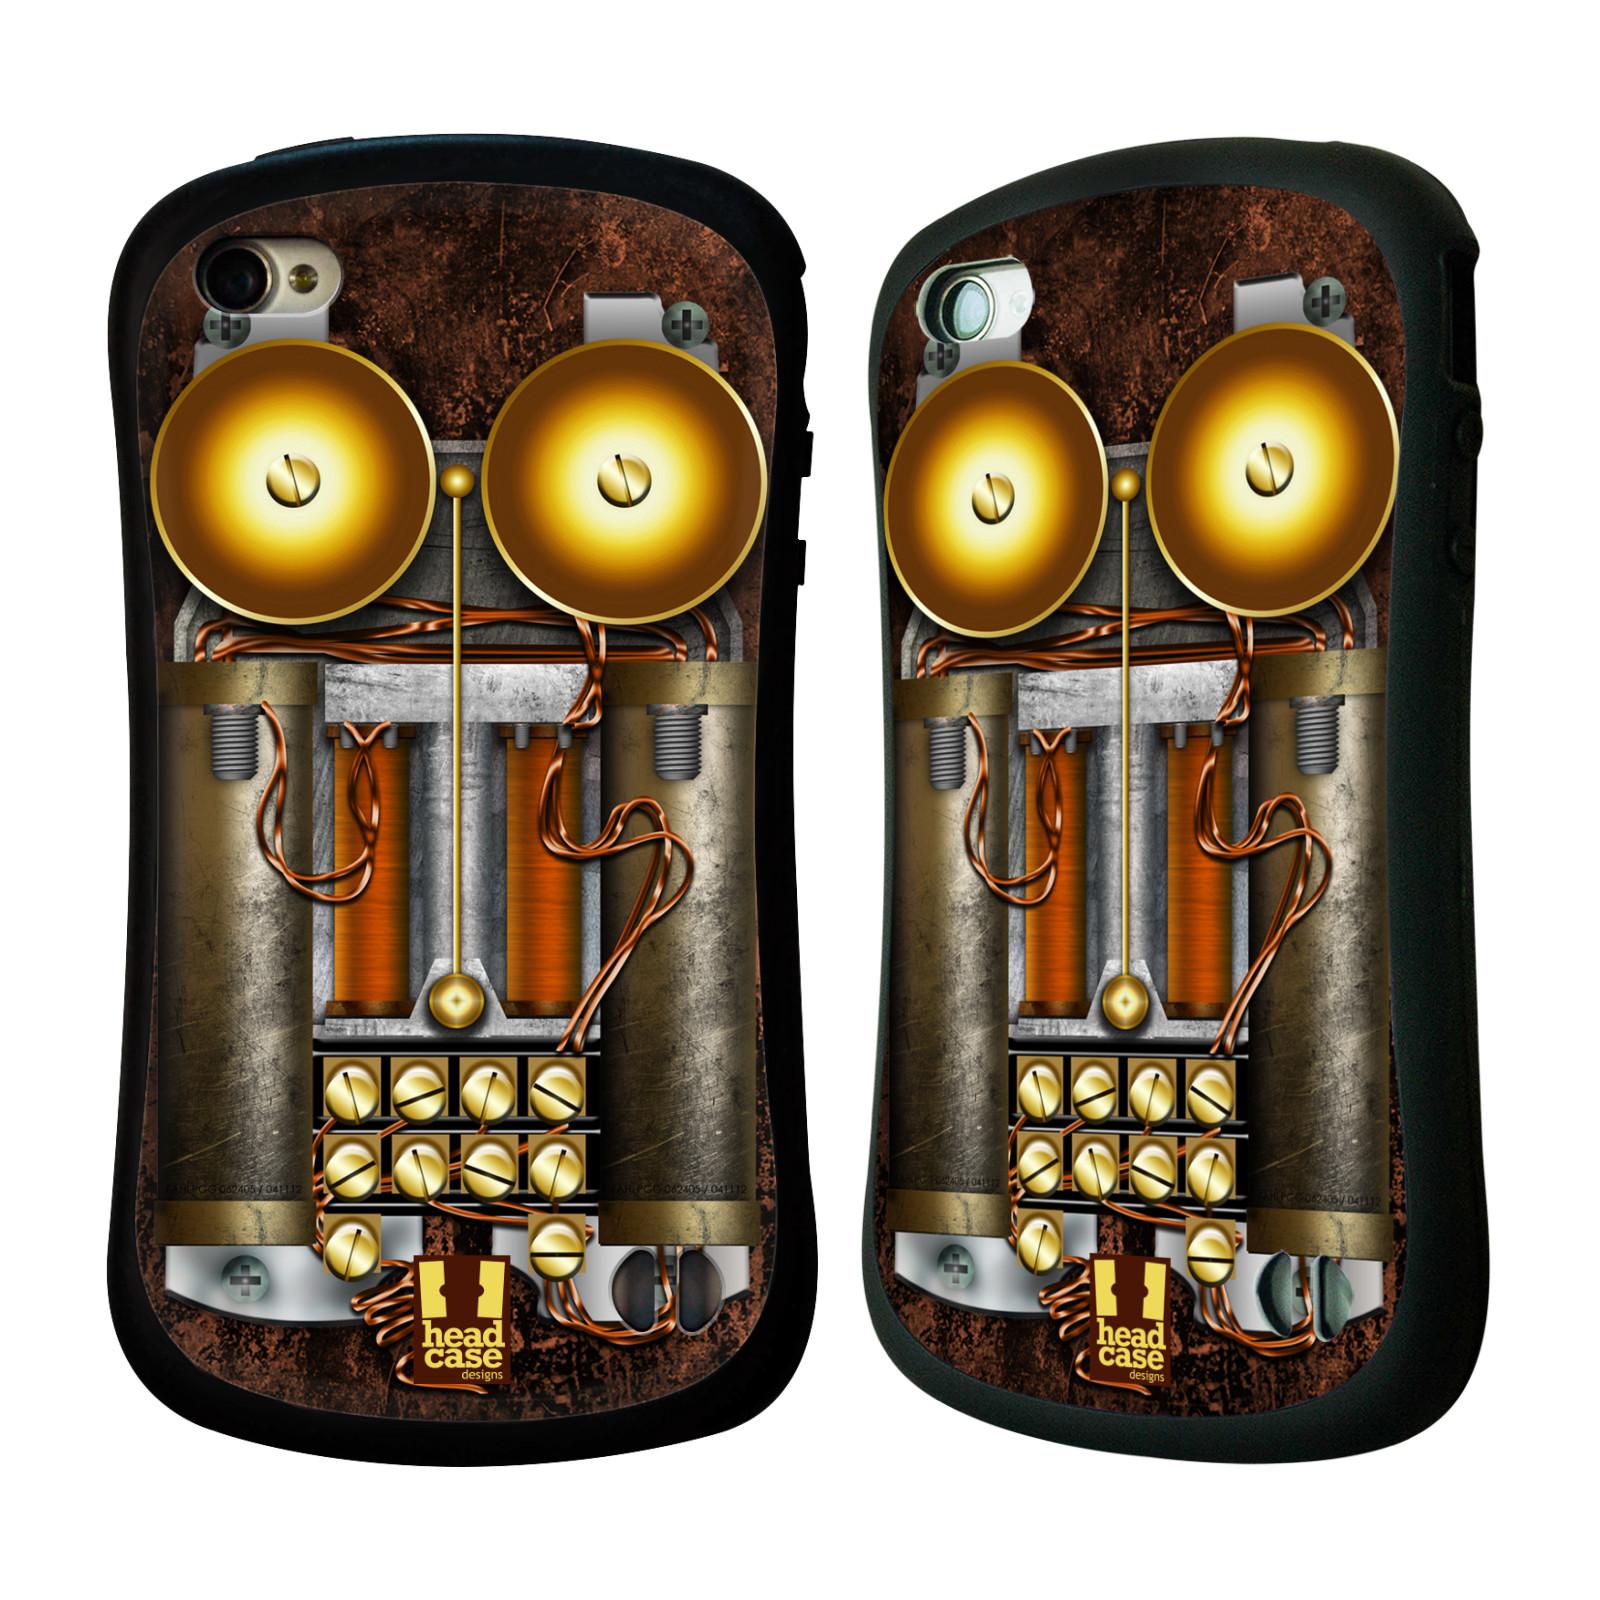 Nárazuvzdorné pouzdro na mobil Apple iPhone 4 a 4S HEAD CASE STEAMPUNK TELEFON (Odolný nárazuvzdorný silikonový kryt či obal na mobilní telefon Apple iPhone 4 a 4S)